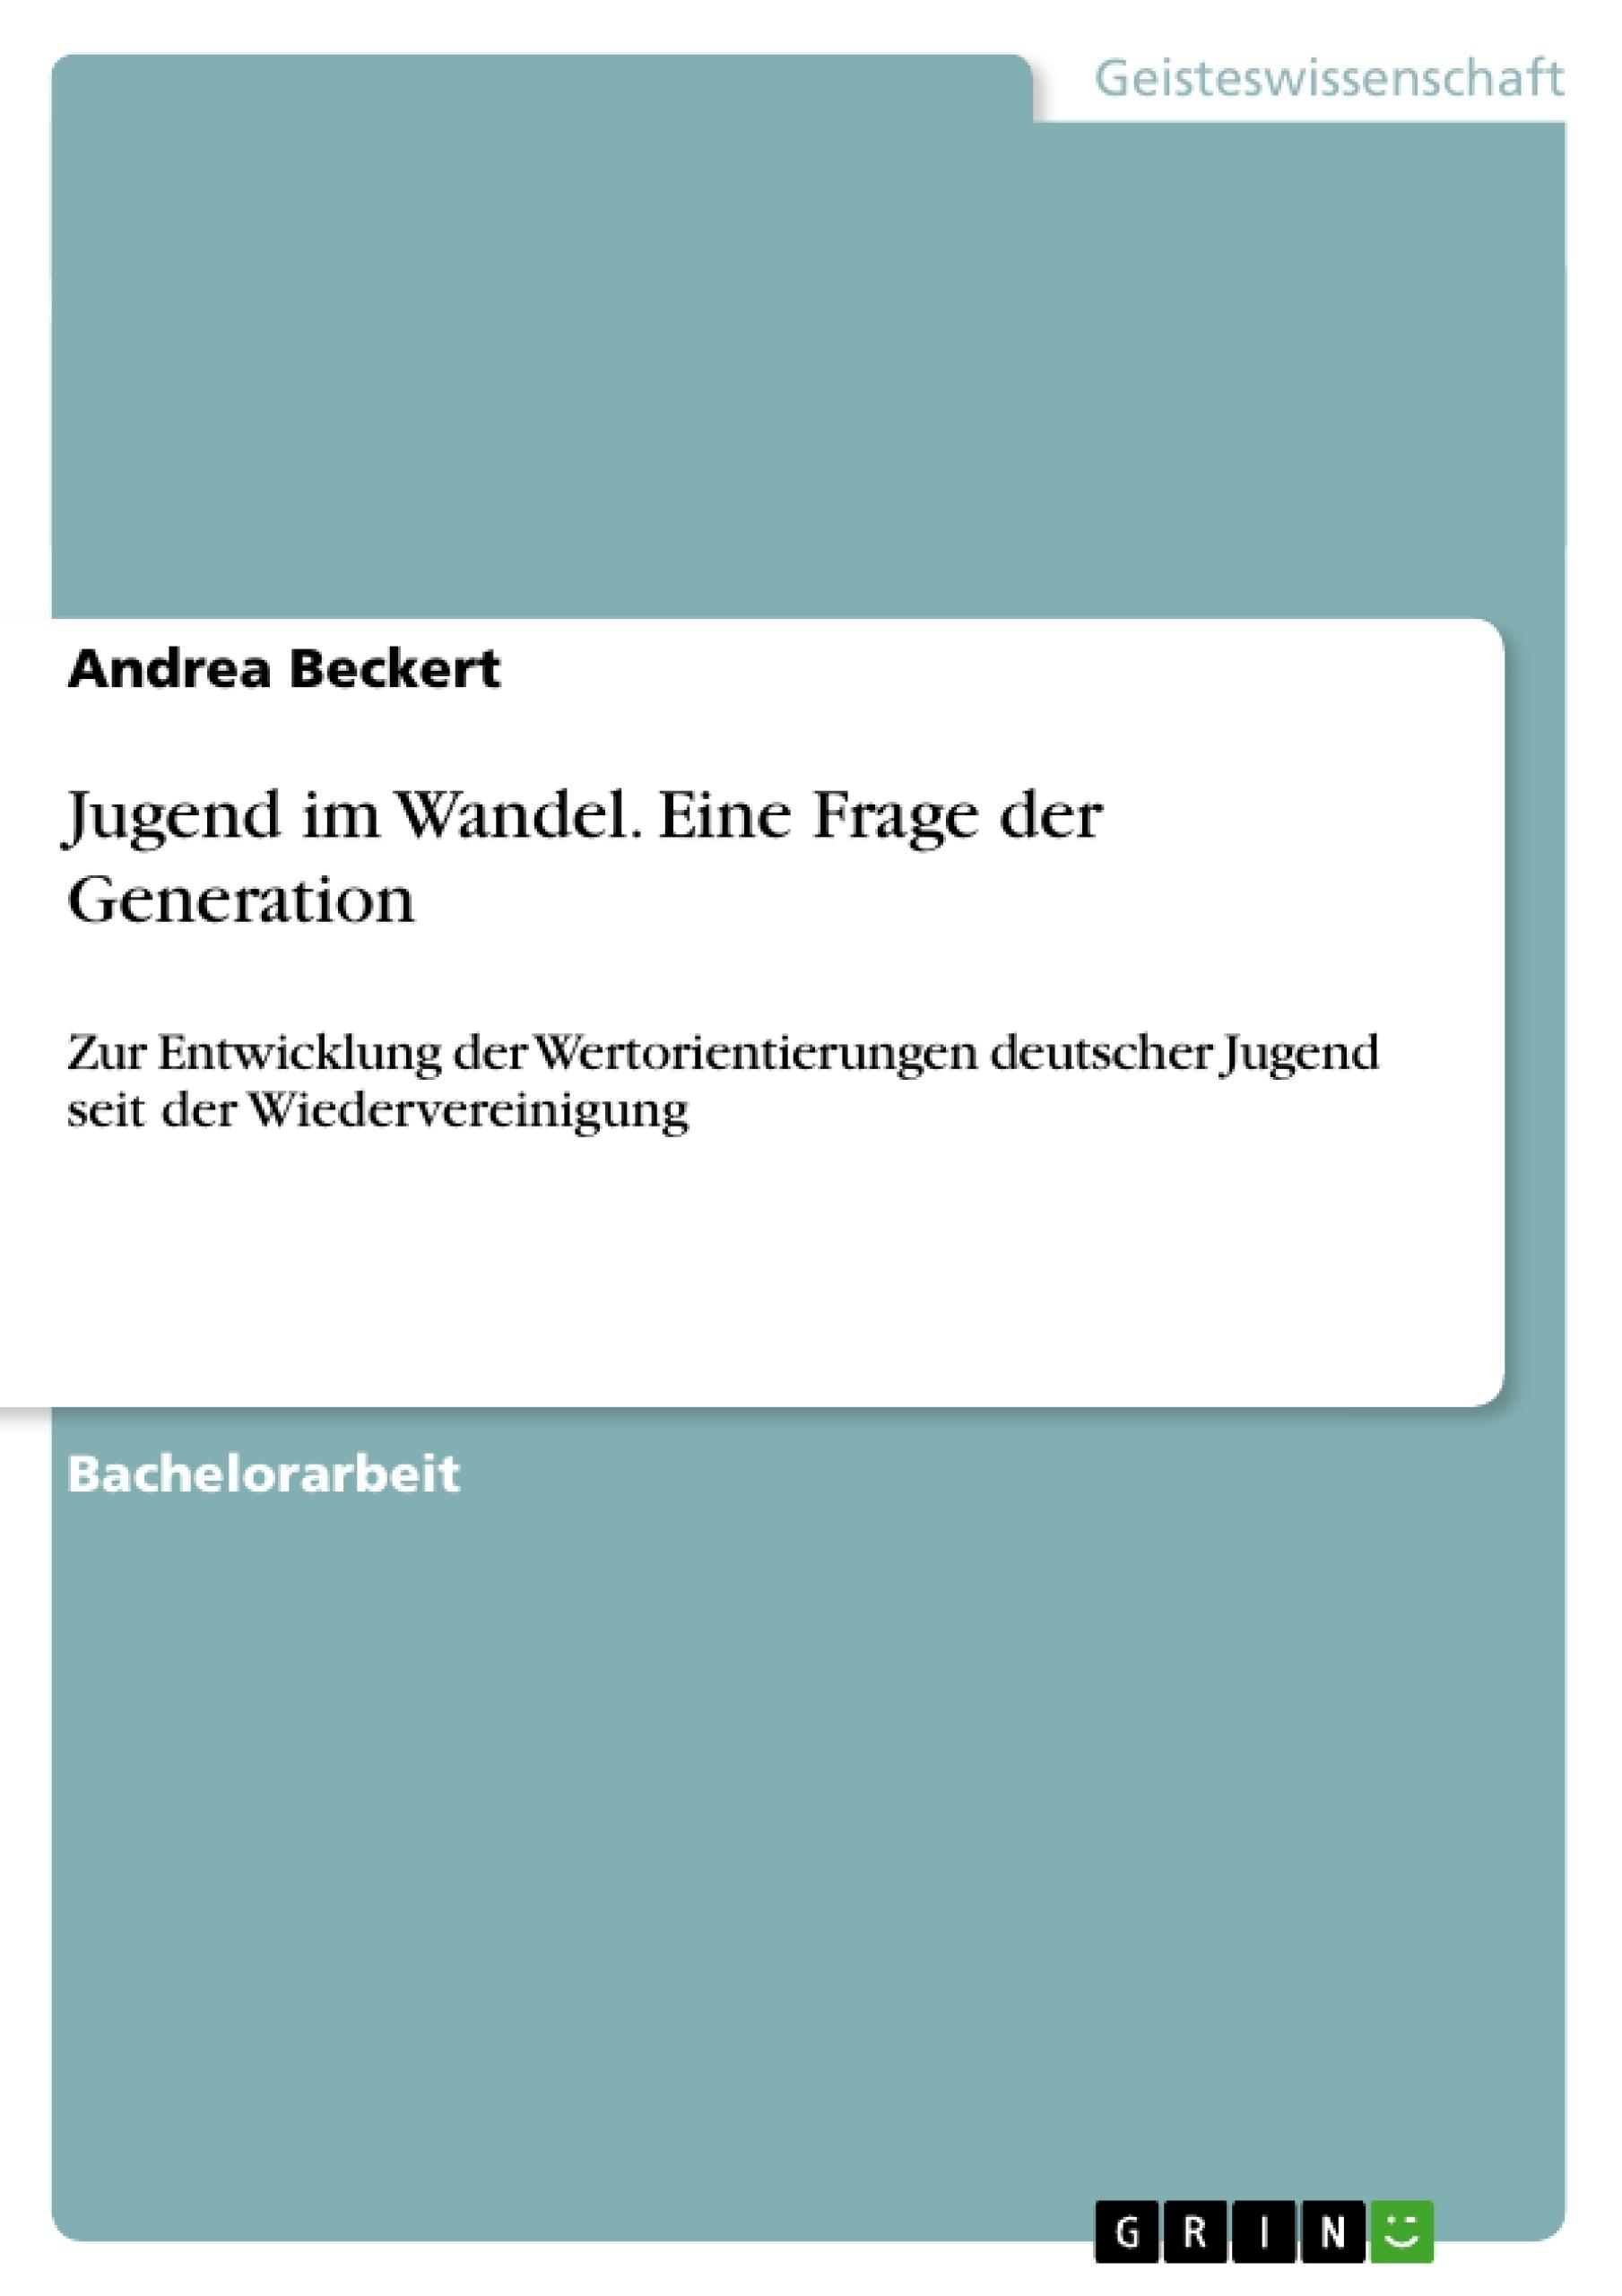 Titel: Jugend im Wandel. Eine Frage der Generation